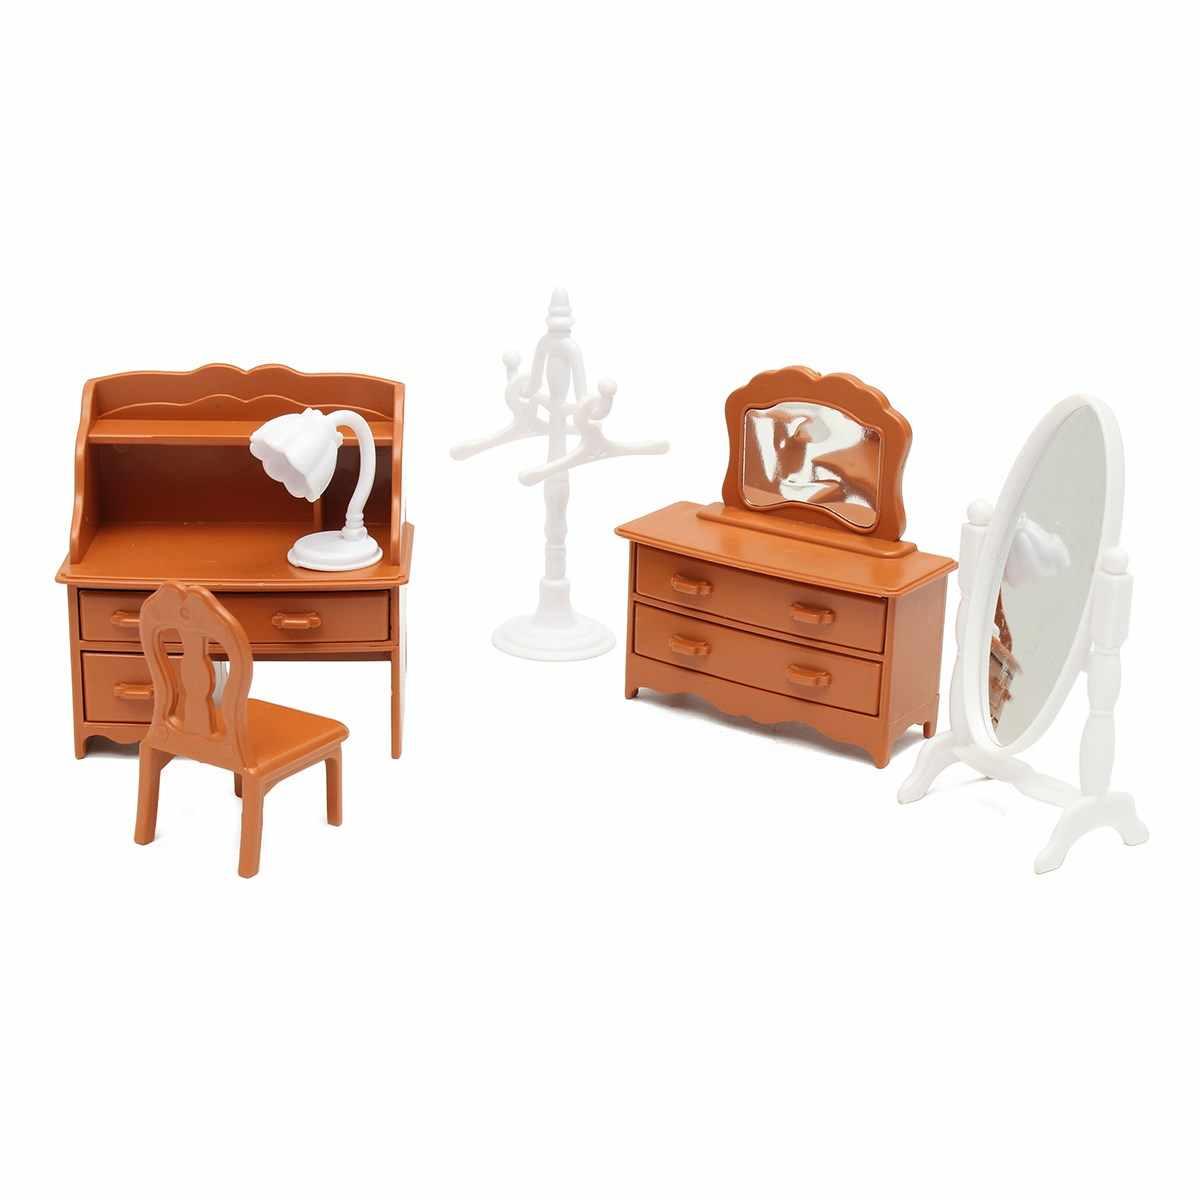 Conjuntos de Sala de estar Mobiliário Penteadeira em miniatura Para As Crianças Mini Brinquedo Casa de Boneca Casa De Bonecas de Decoração Para Casa Crianças Brinquedos de Presente